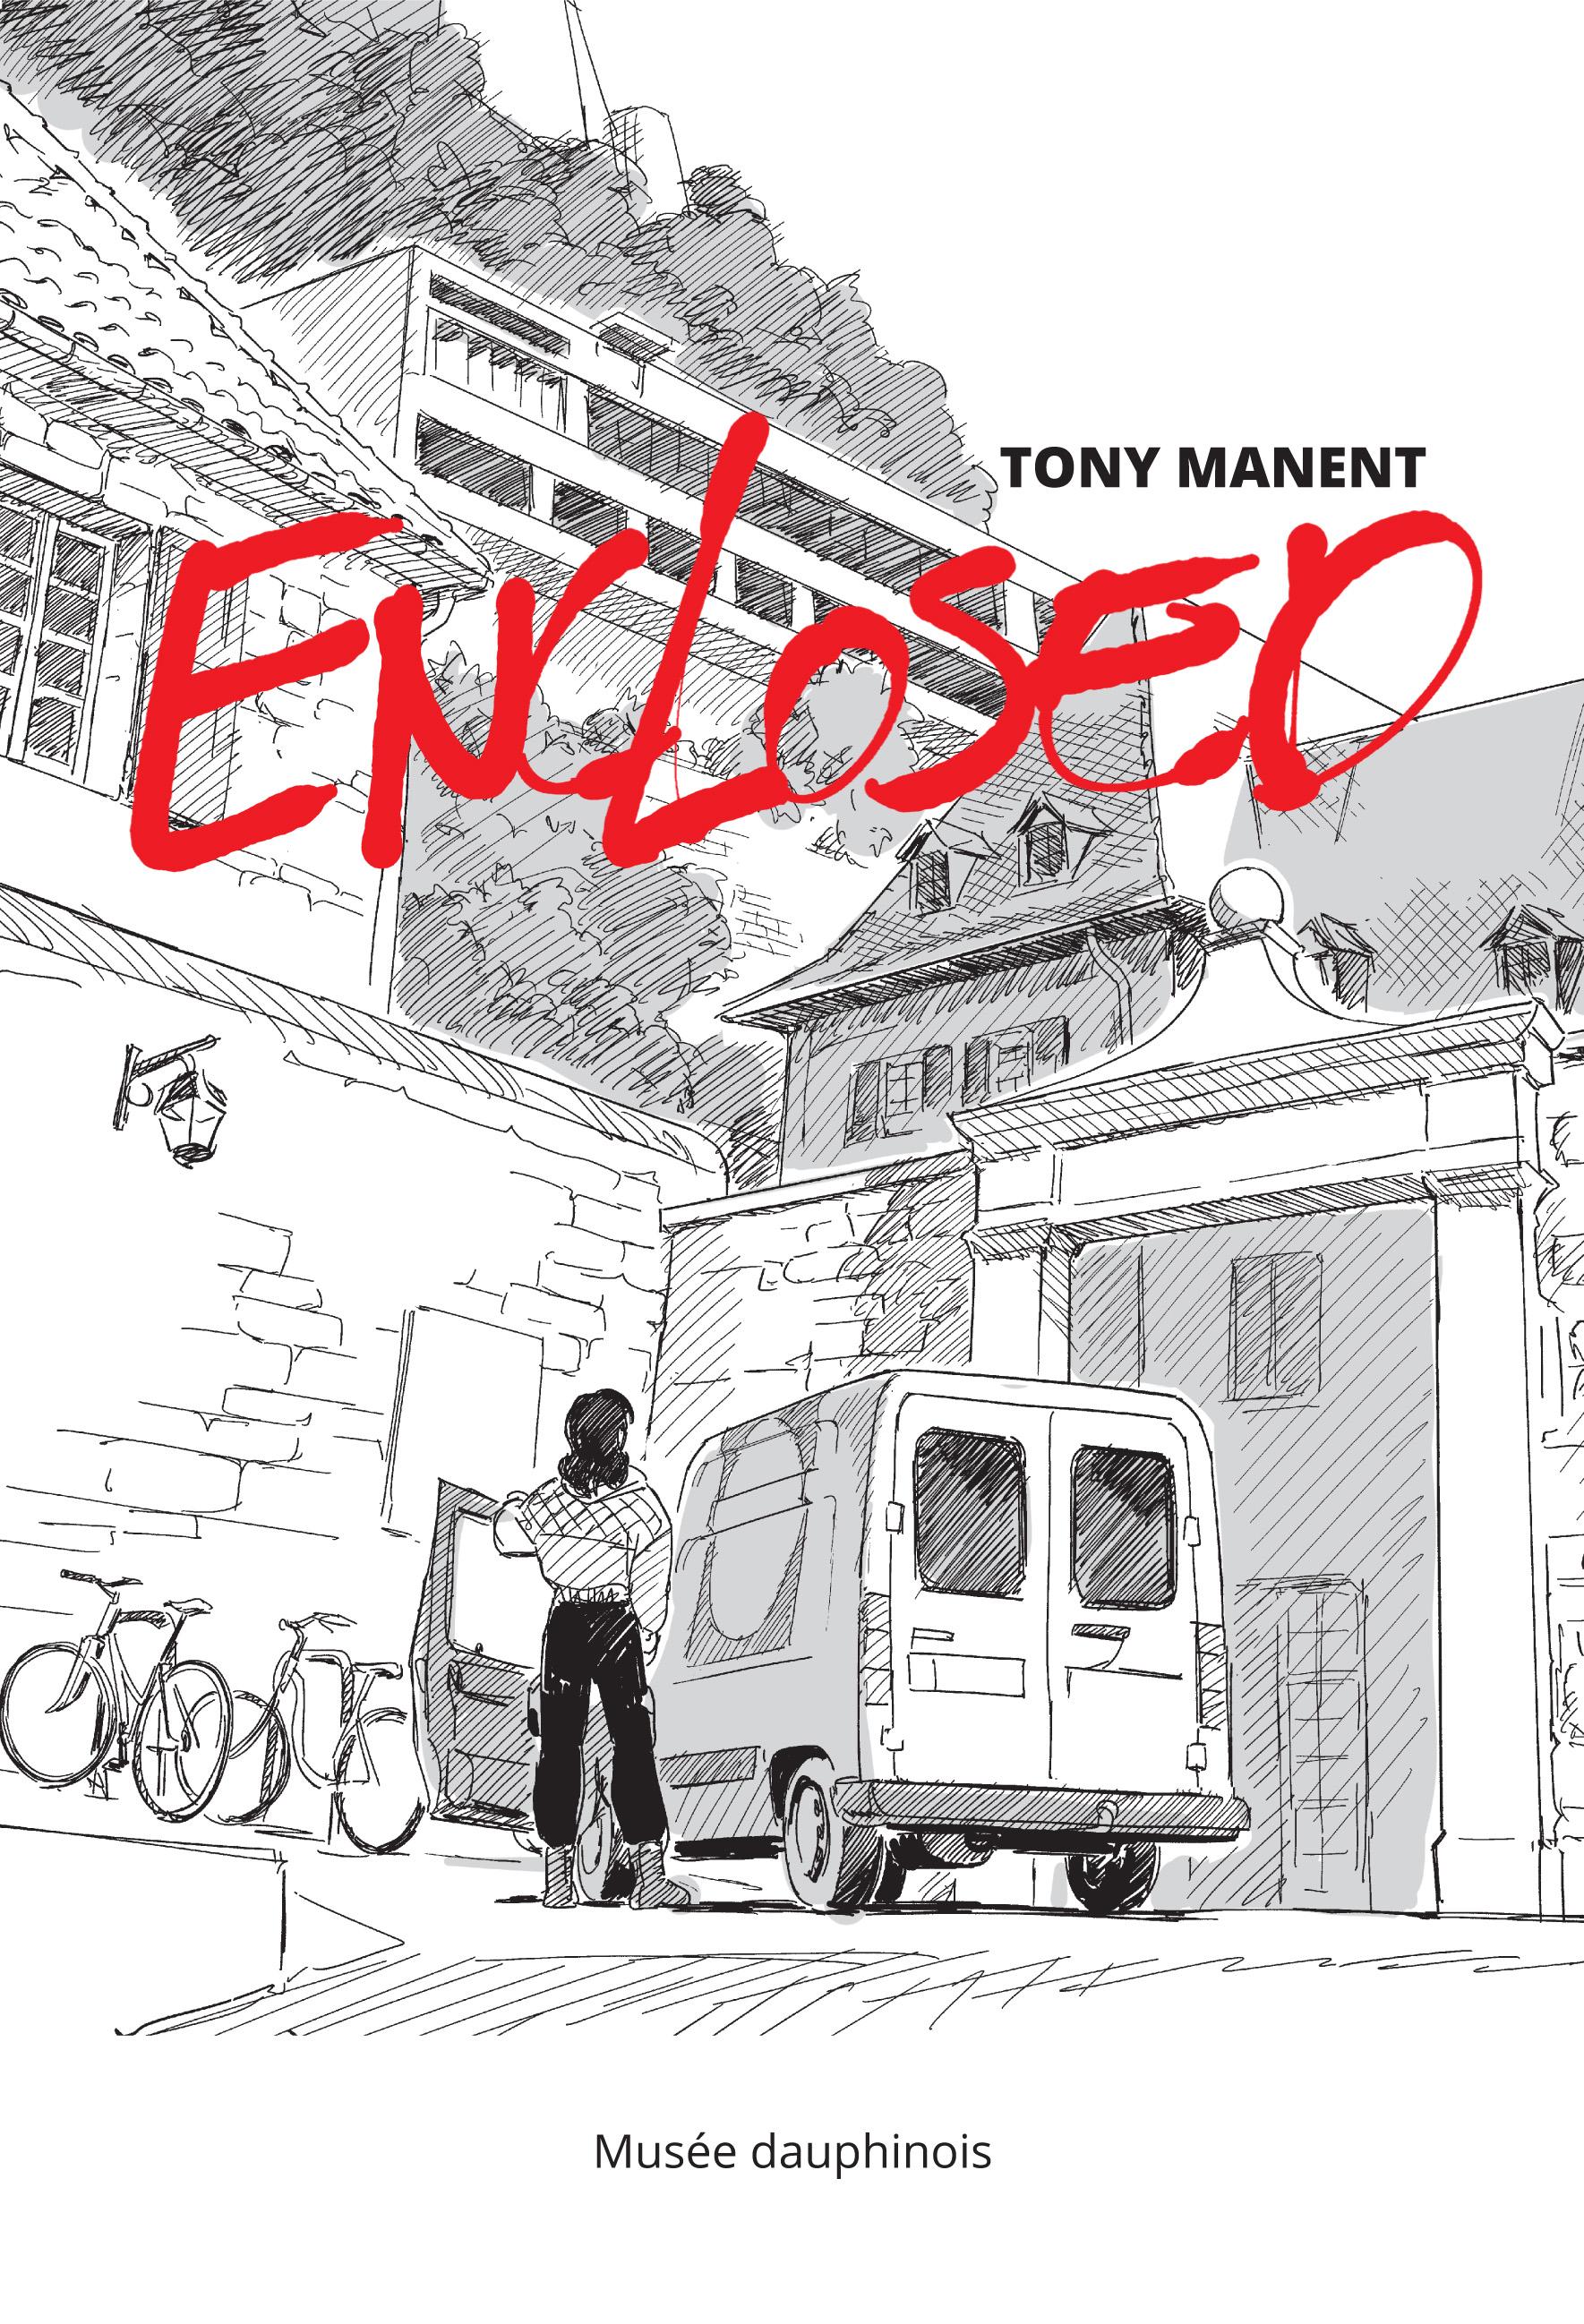 Couverture du livre Eclosed de Tony Manent